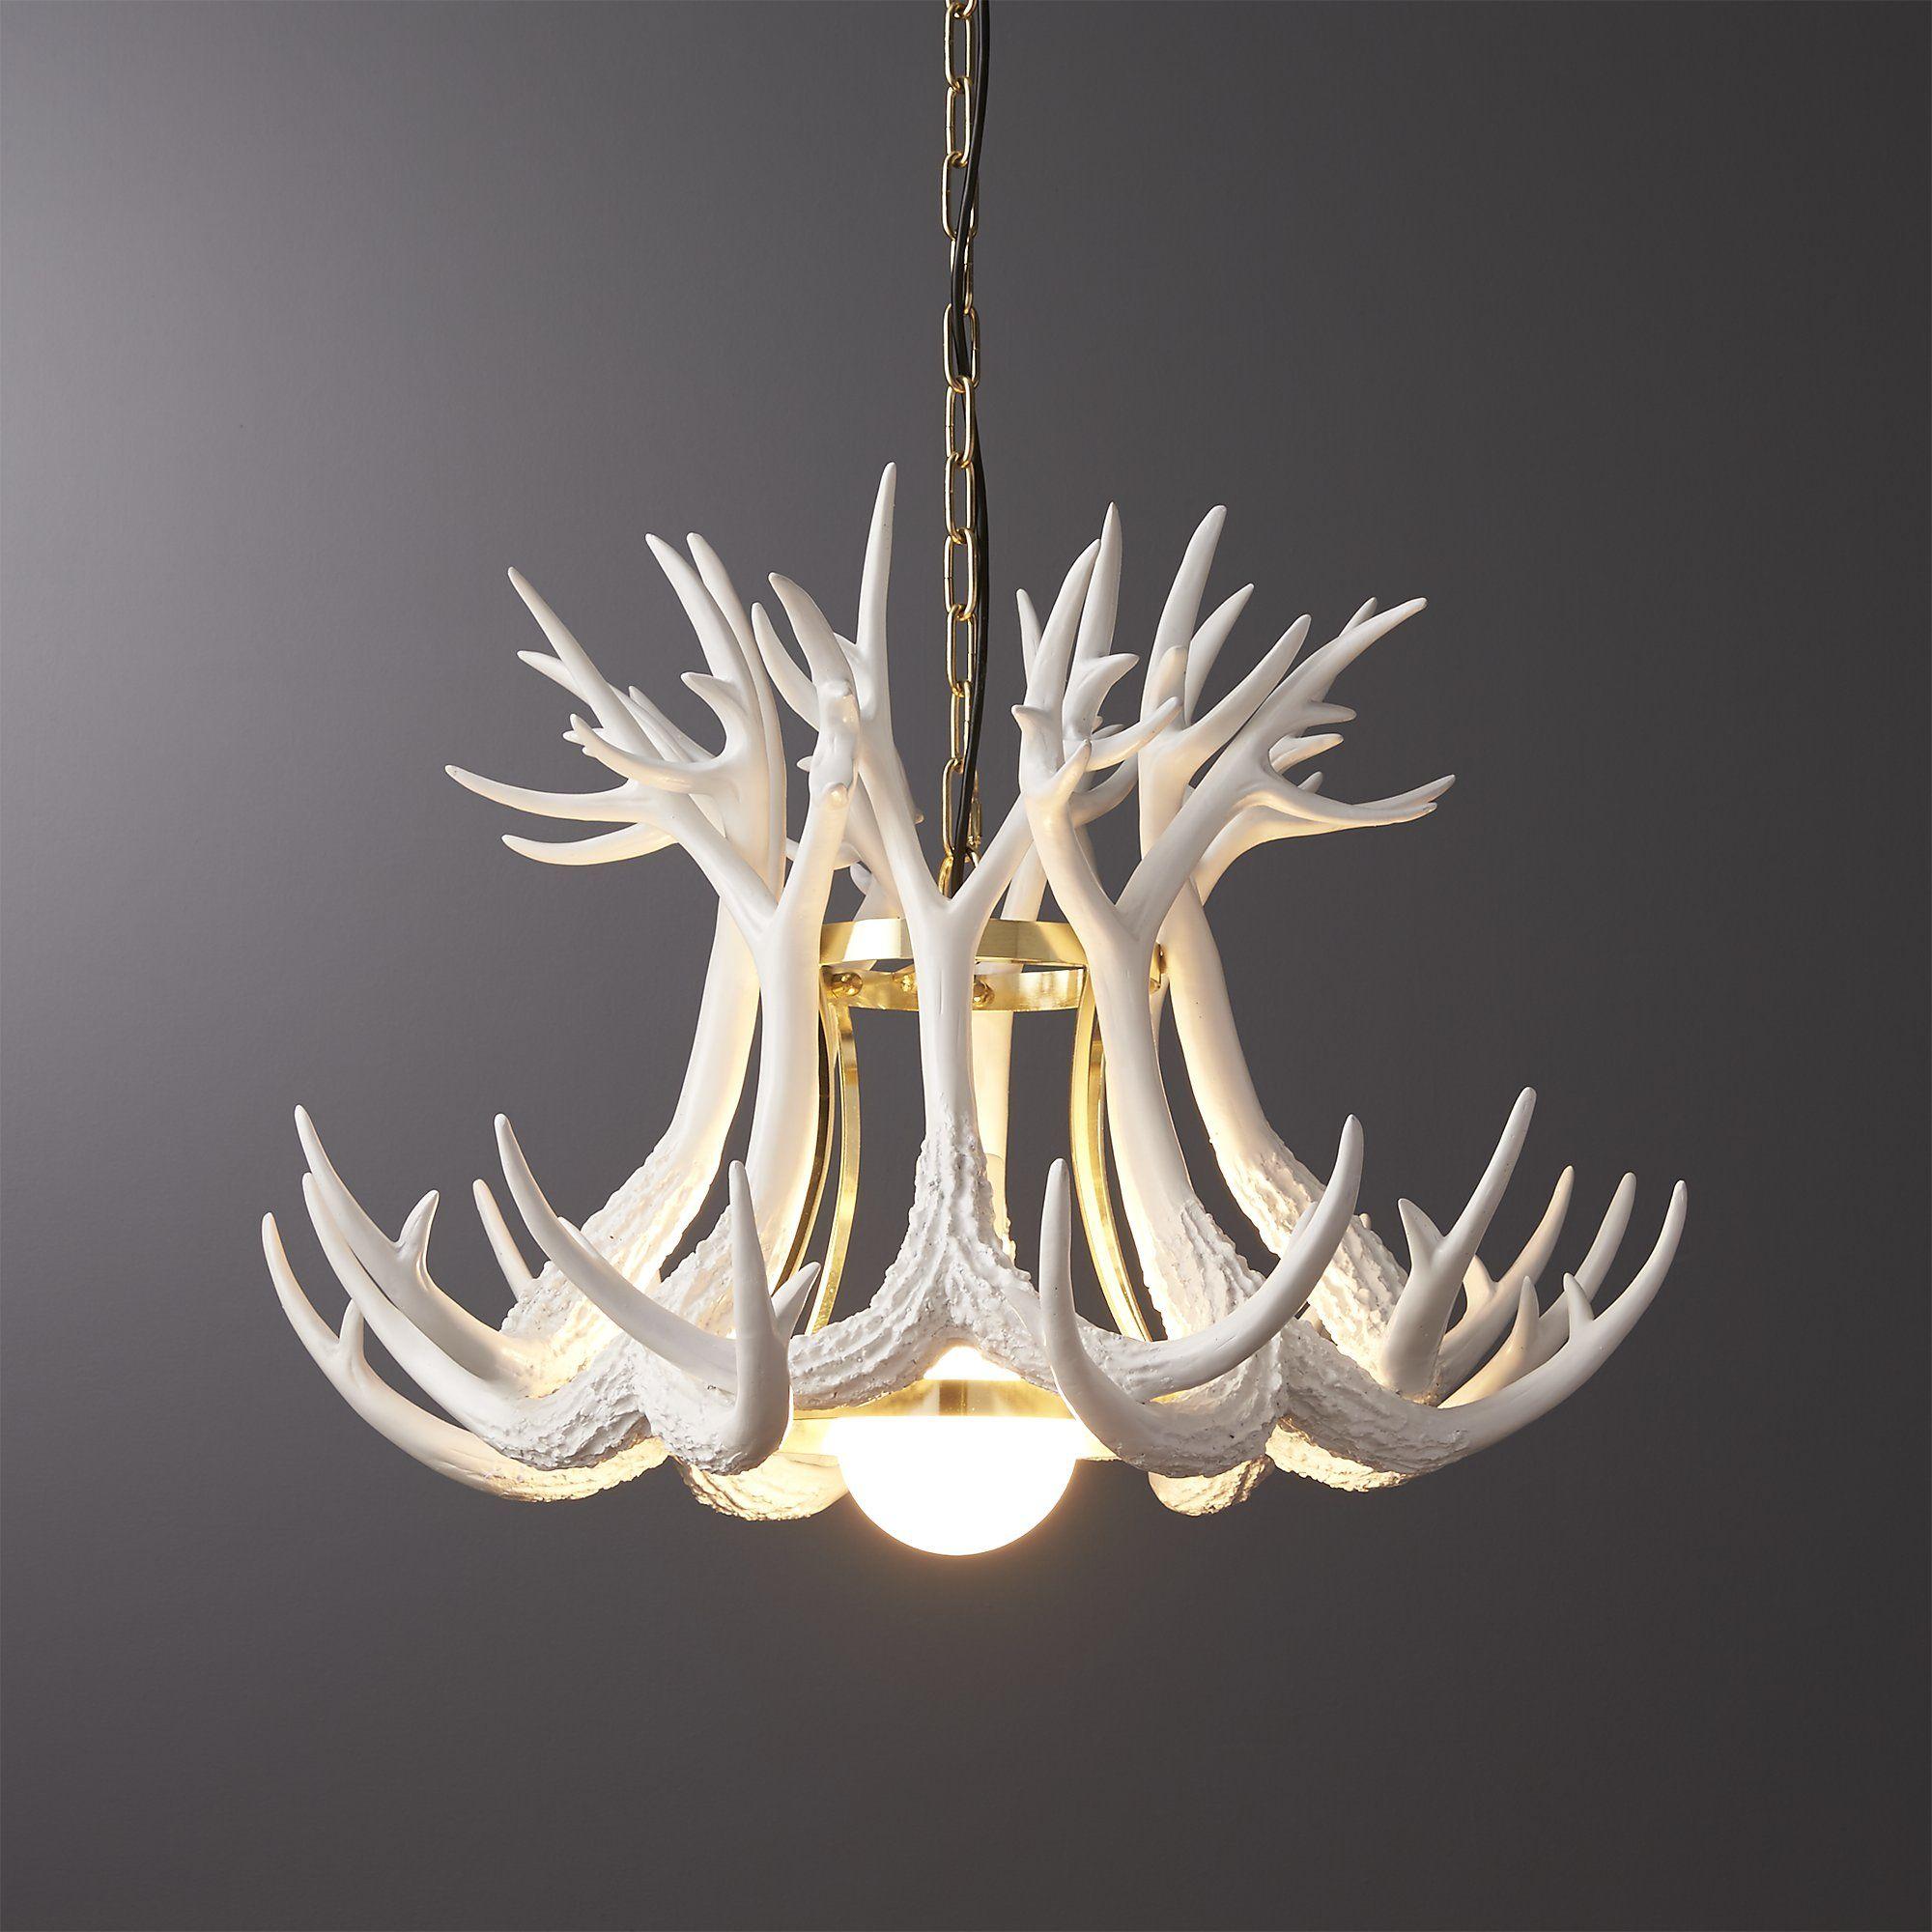 Antler pendant light things for new house pinterest antlers antler pendant light cb2 aloadofball Gallery